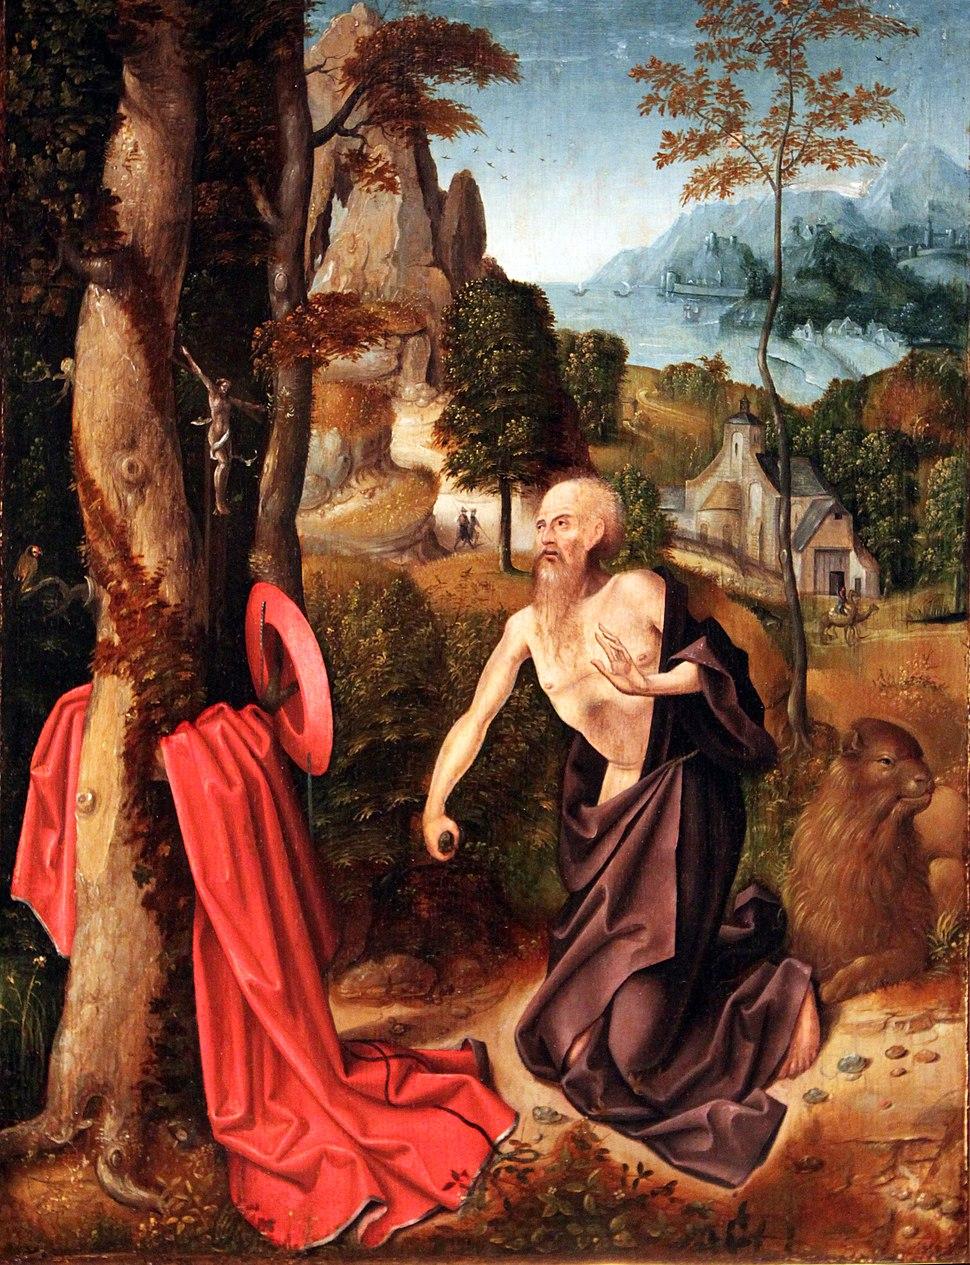 1520 Südniederländisch Hl. Hieronymus anagoria